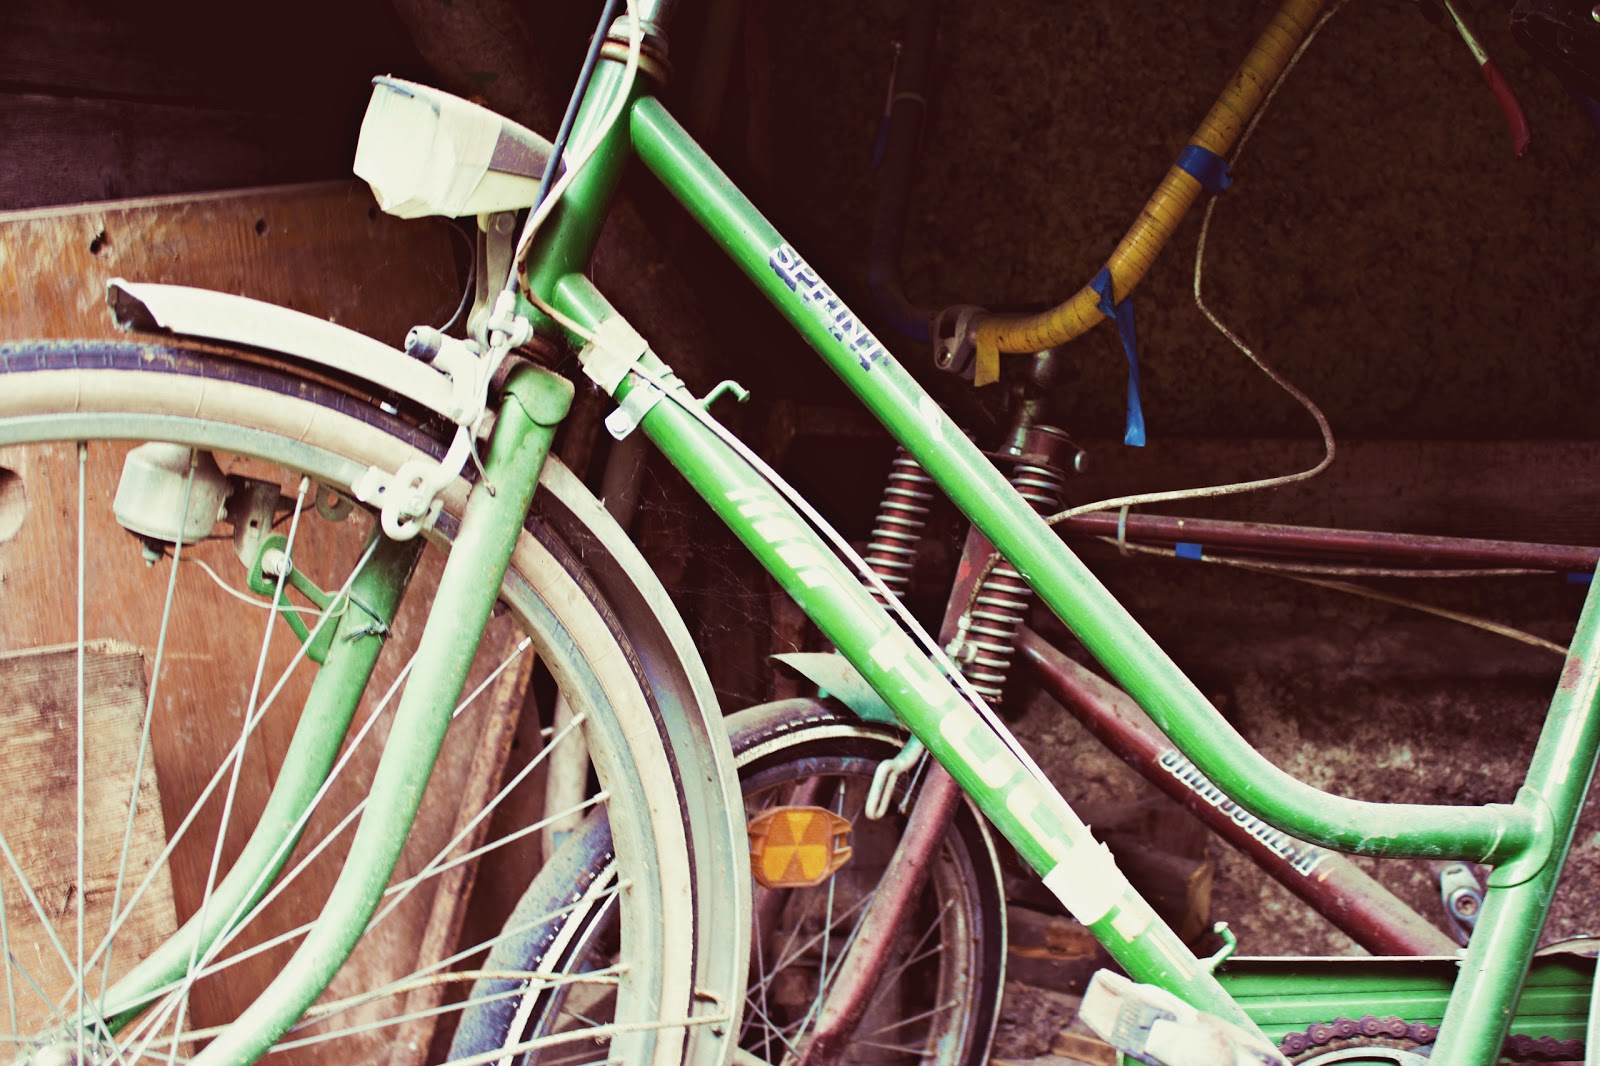 Minimalistisch leben green bird diy mode deko und for Minimalistisch leben blog